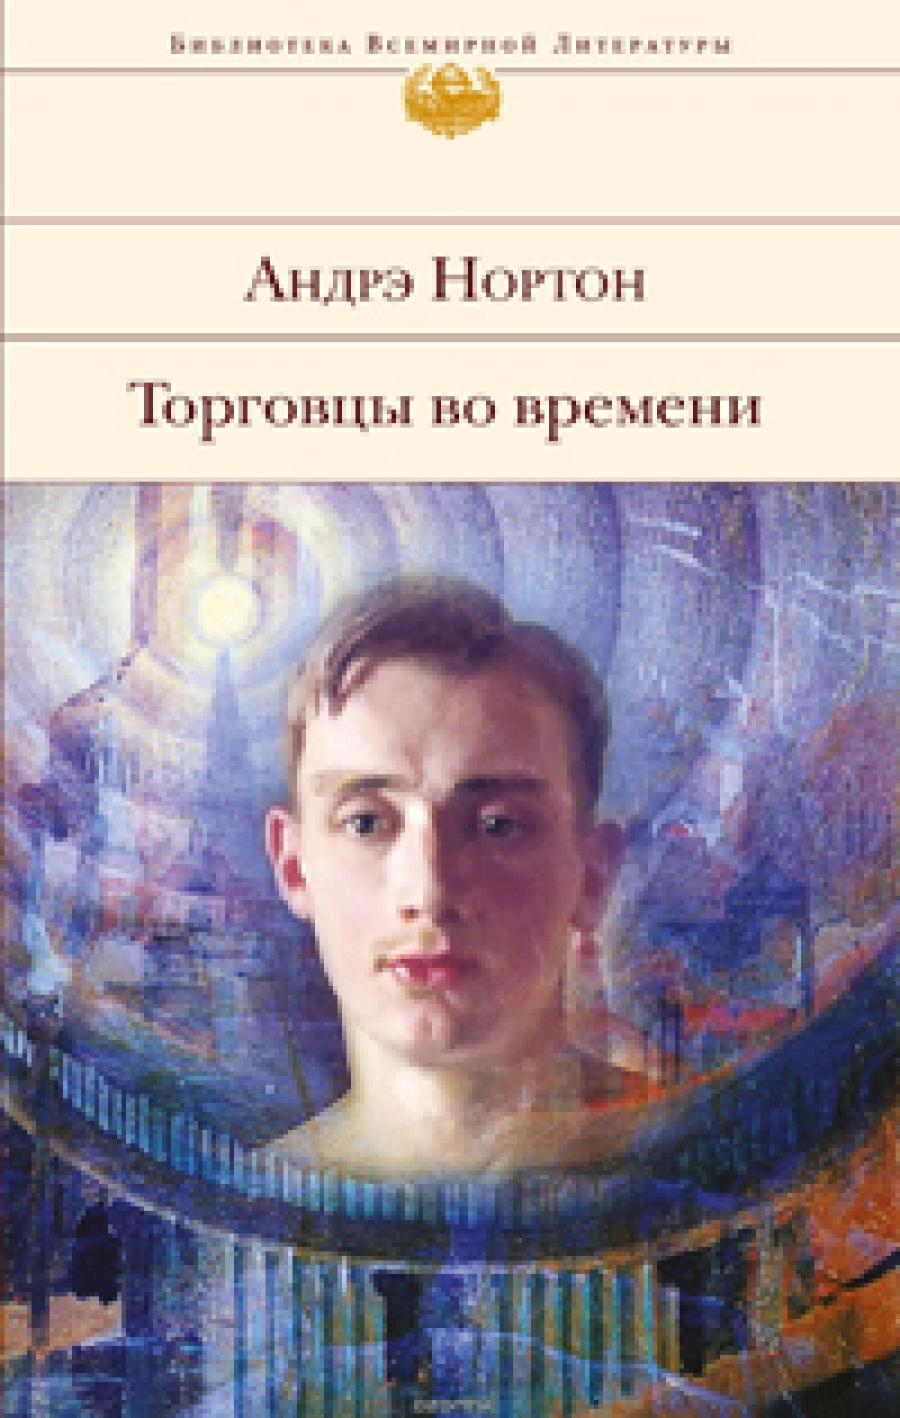 Андрэ НОРТОН. Торговцы во времени